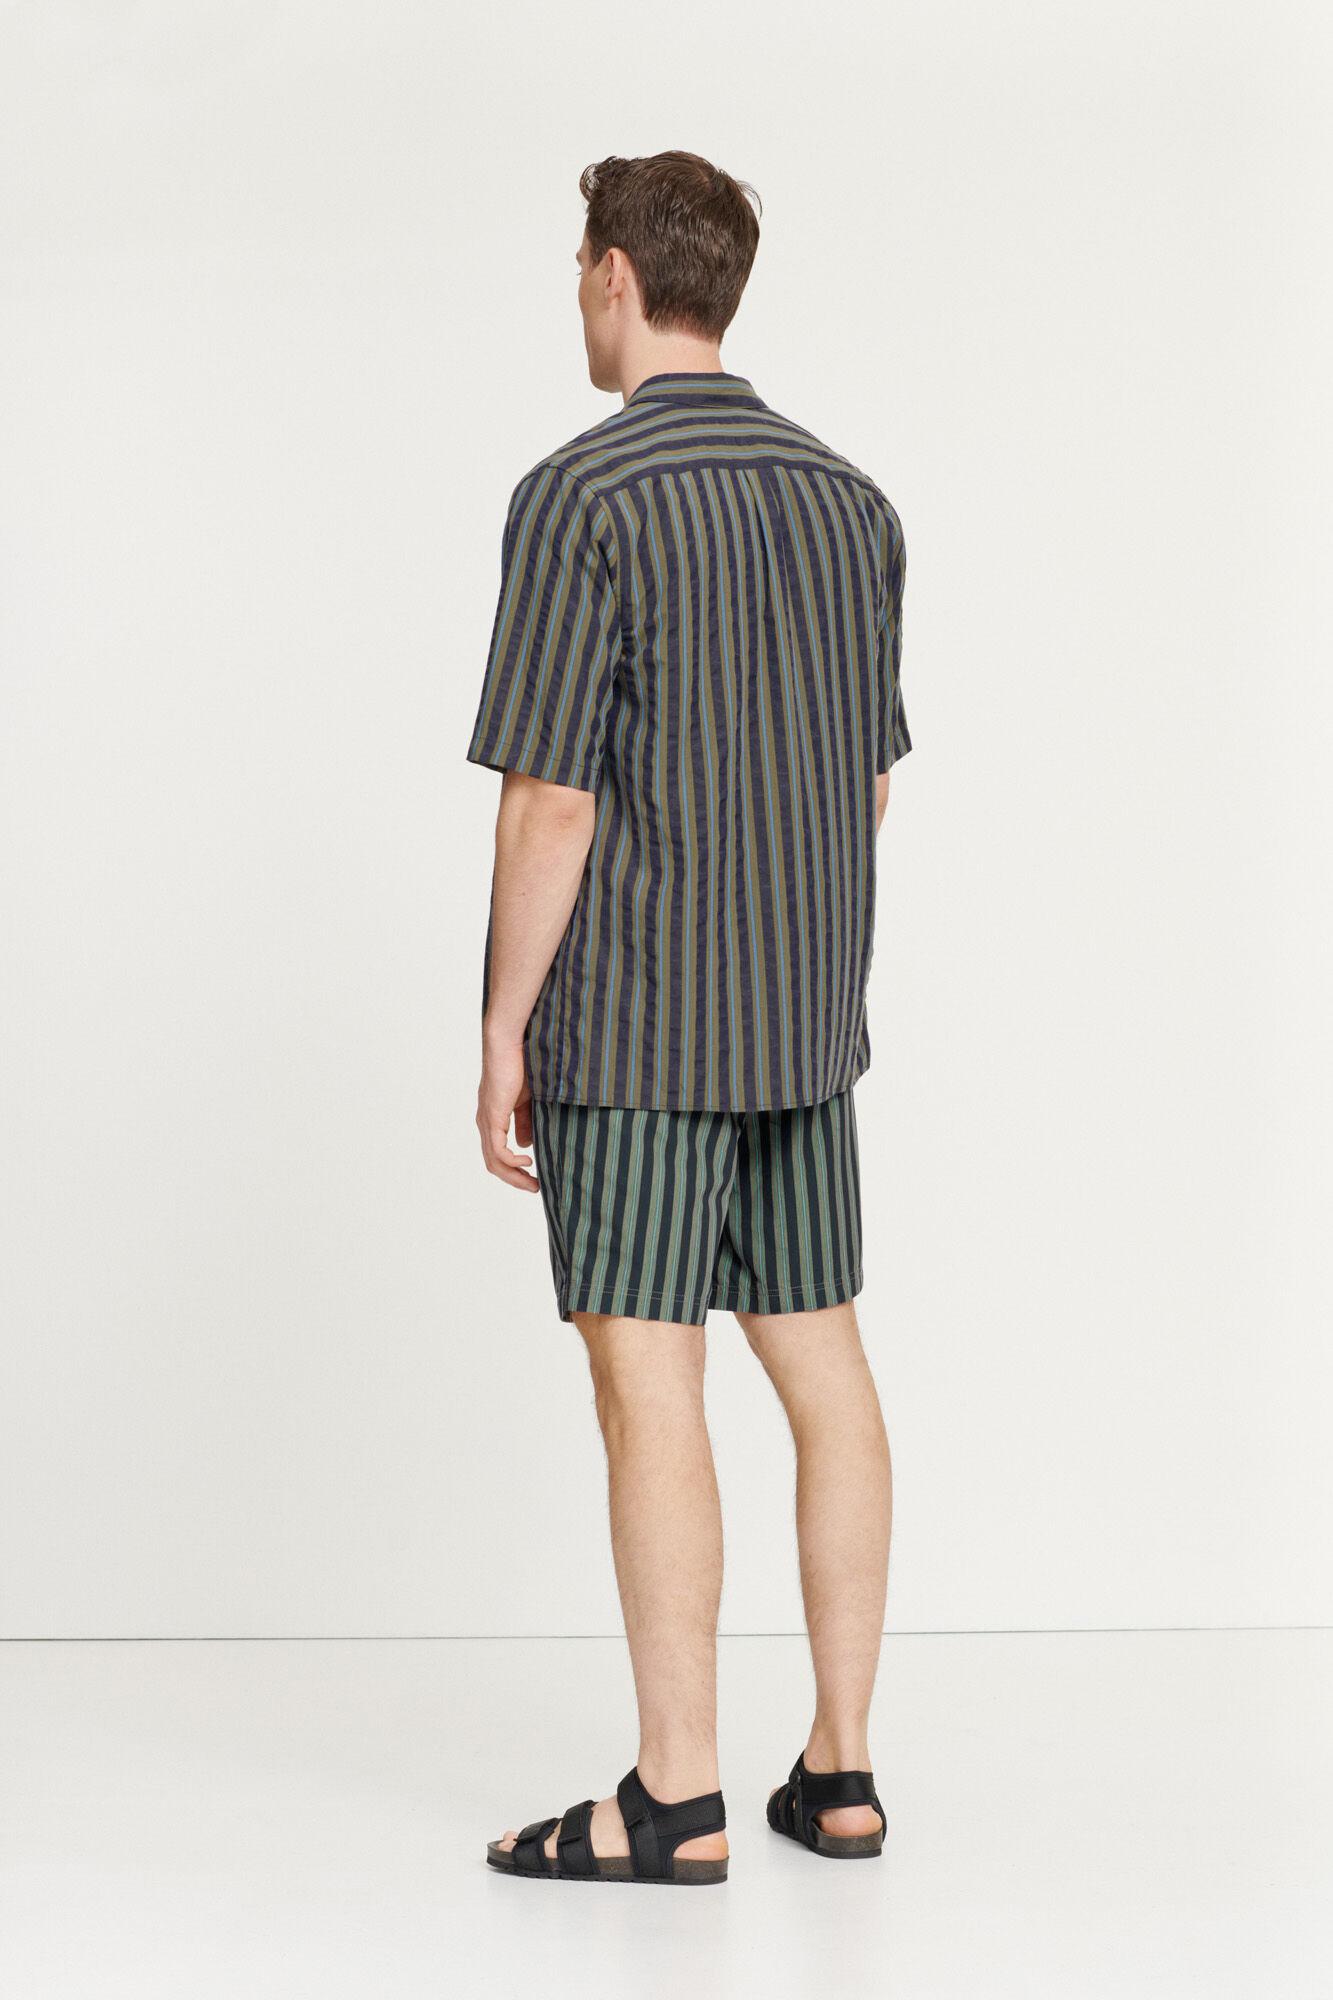 Taro NX shirt 11530